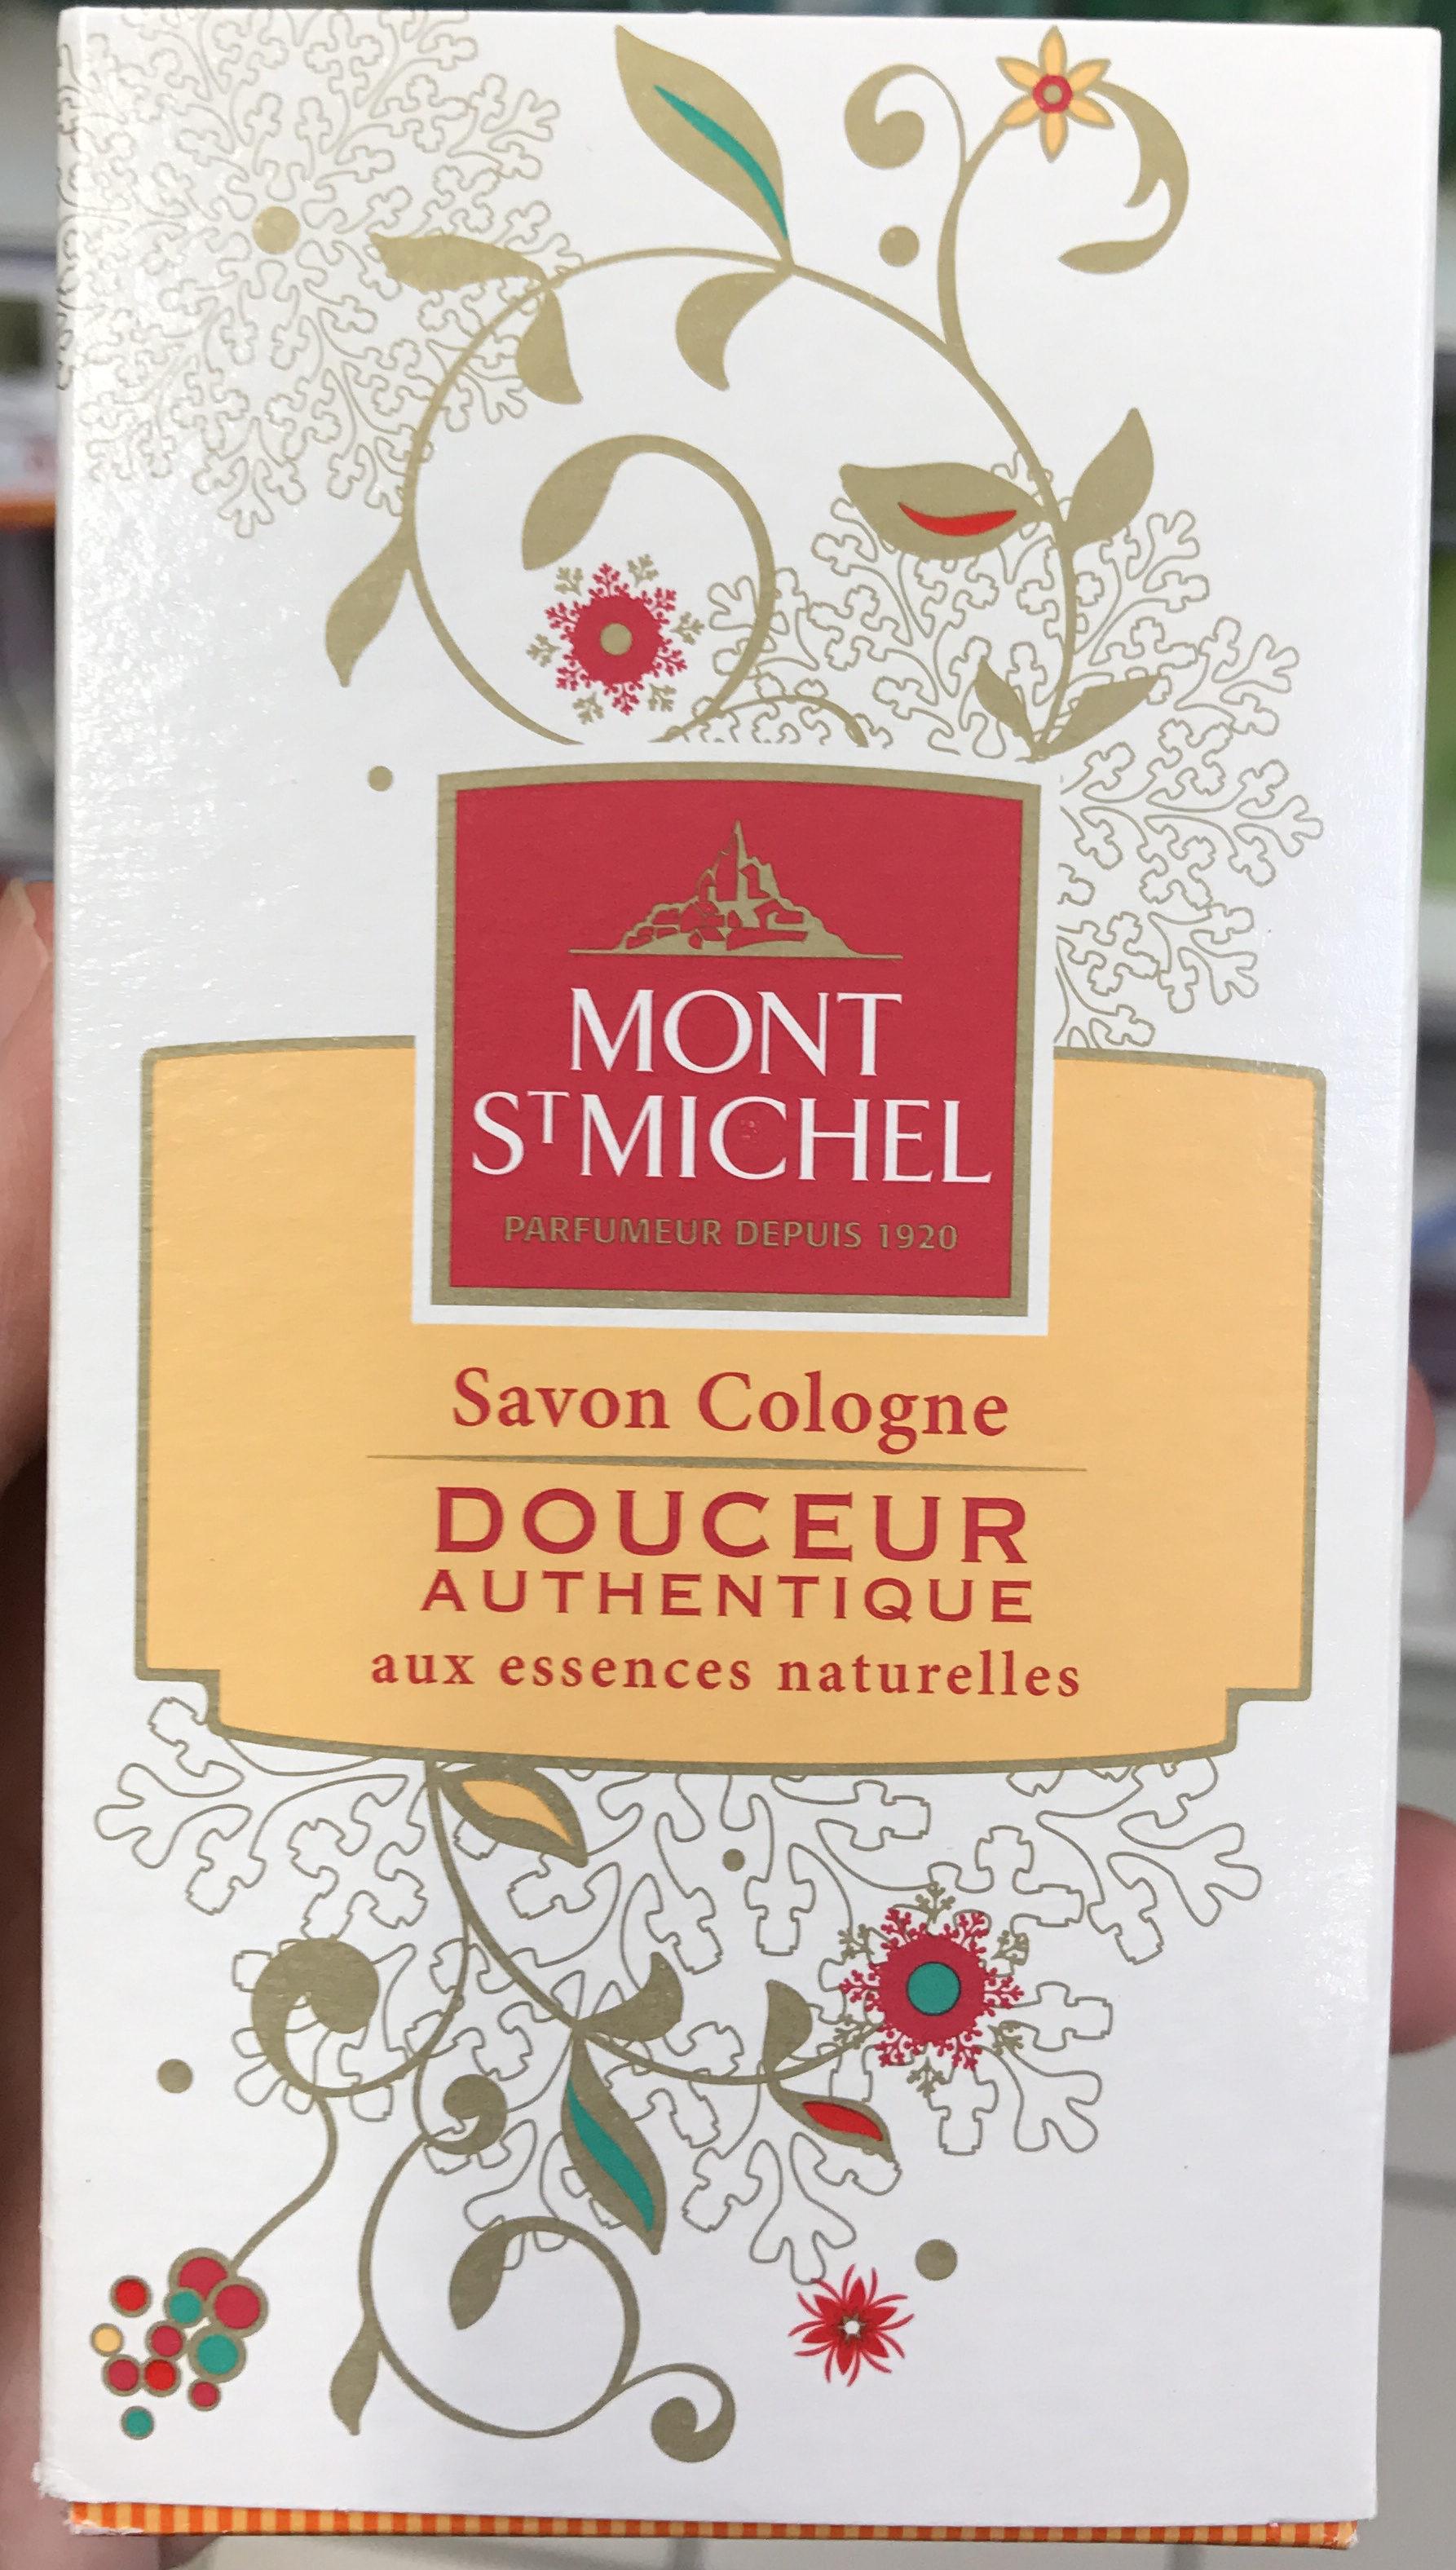 Savon Cologne Douceur Authentique - Produit